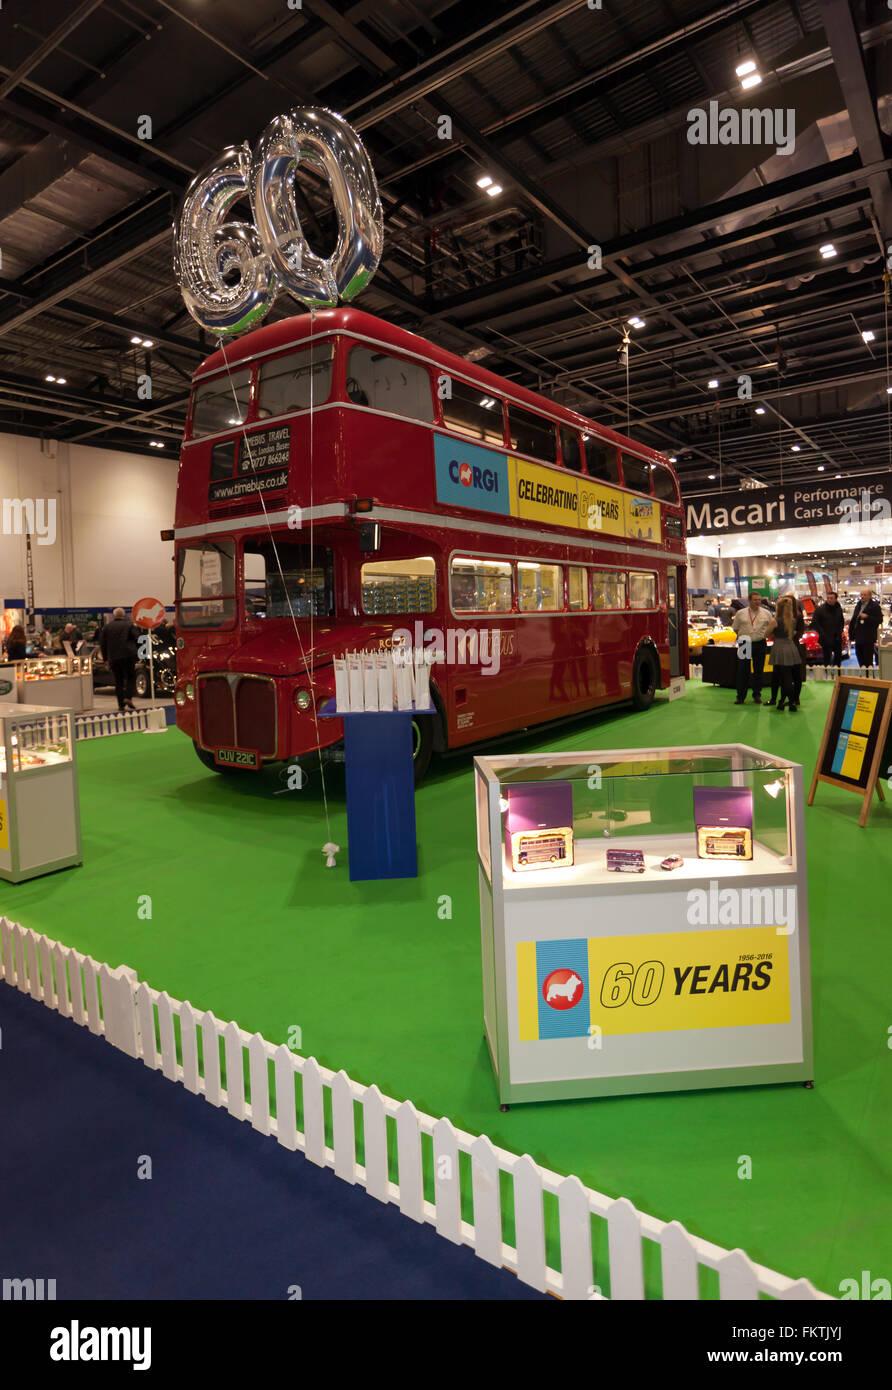 Corgi del stand en el 2016 Londres Classic Car Show, celebrando sus 60 años en el negocio de la fabricación de modelos de automóviles Foto de stock